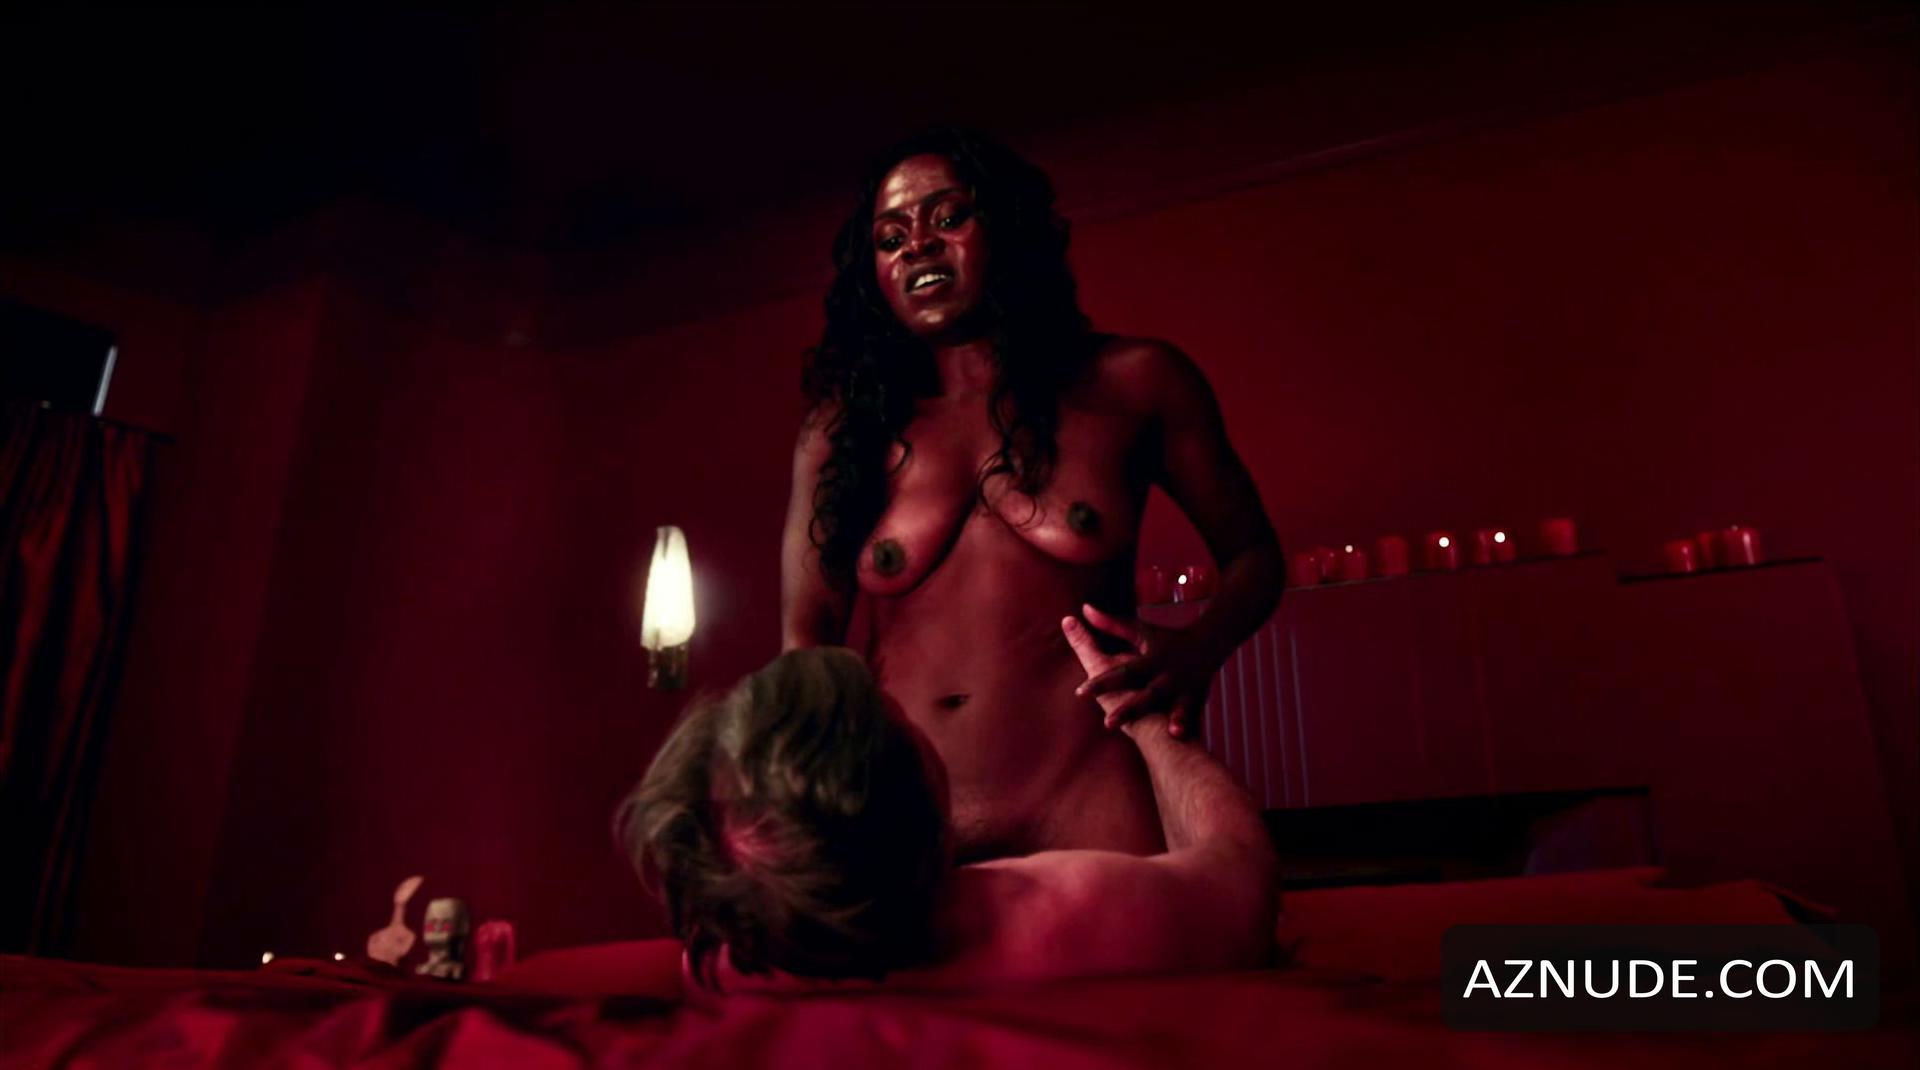 Amanda x y brenda boop show lesbico sev 2013 - 1 part 8